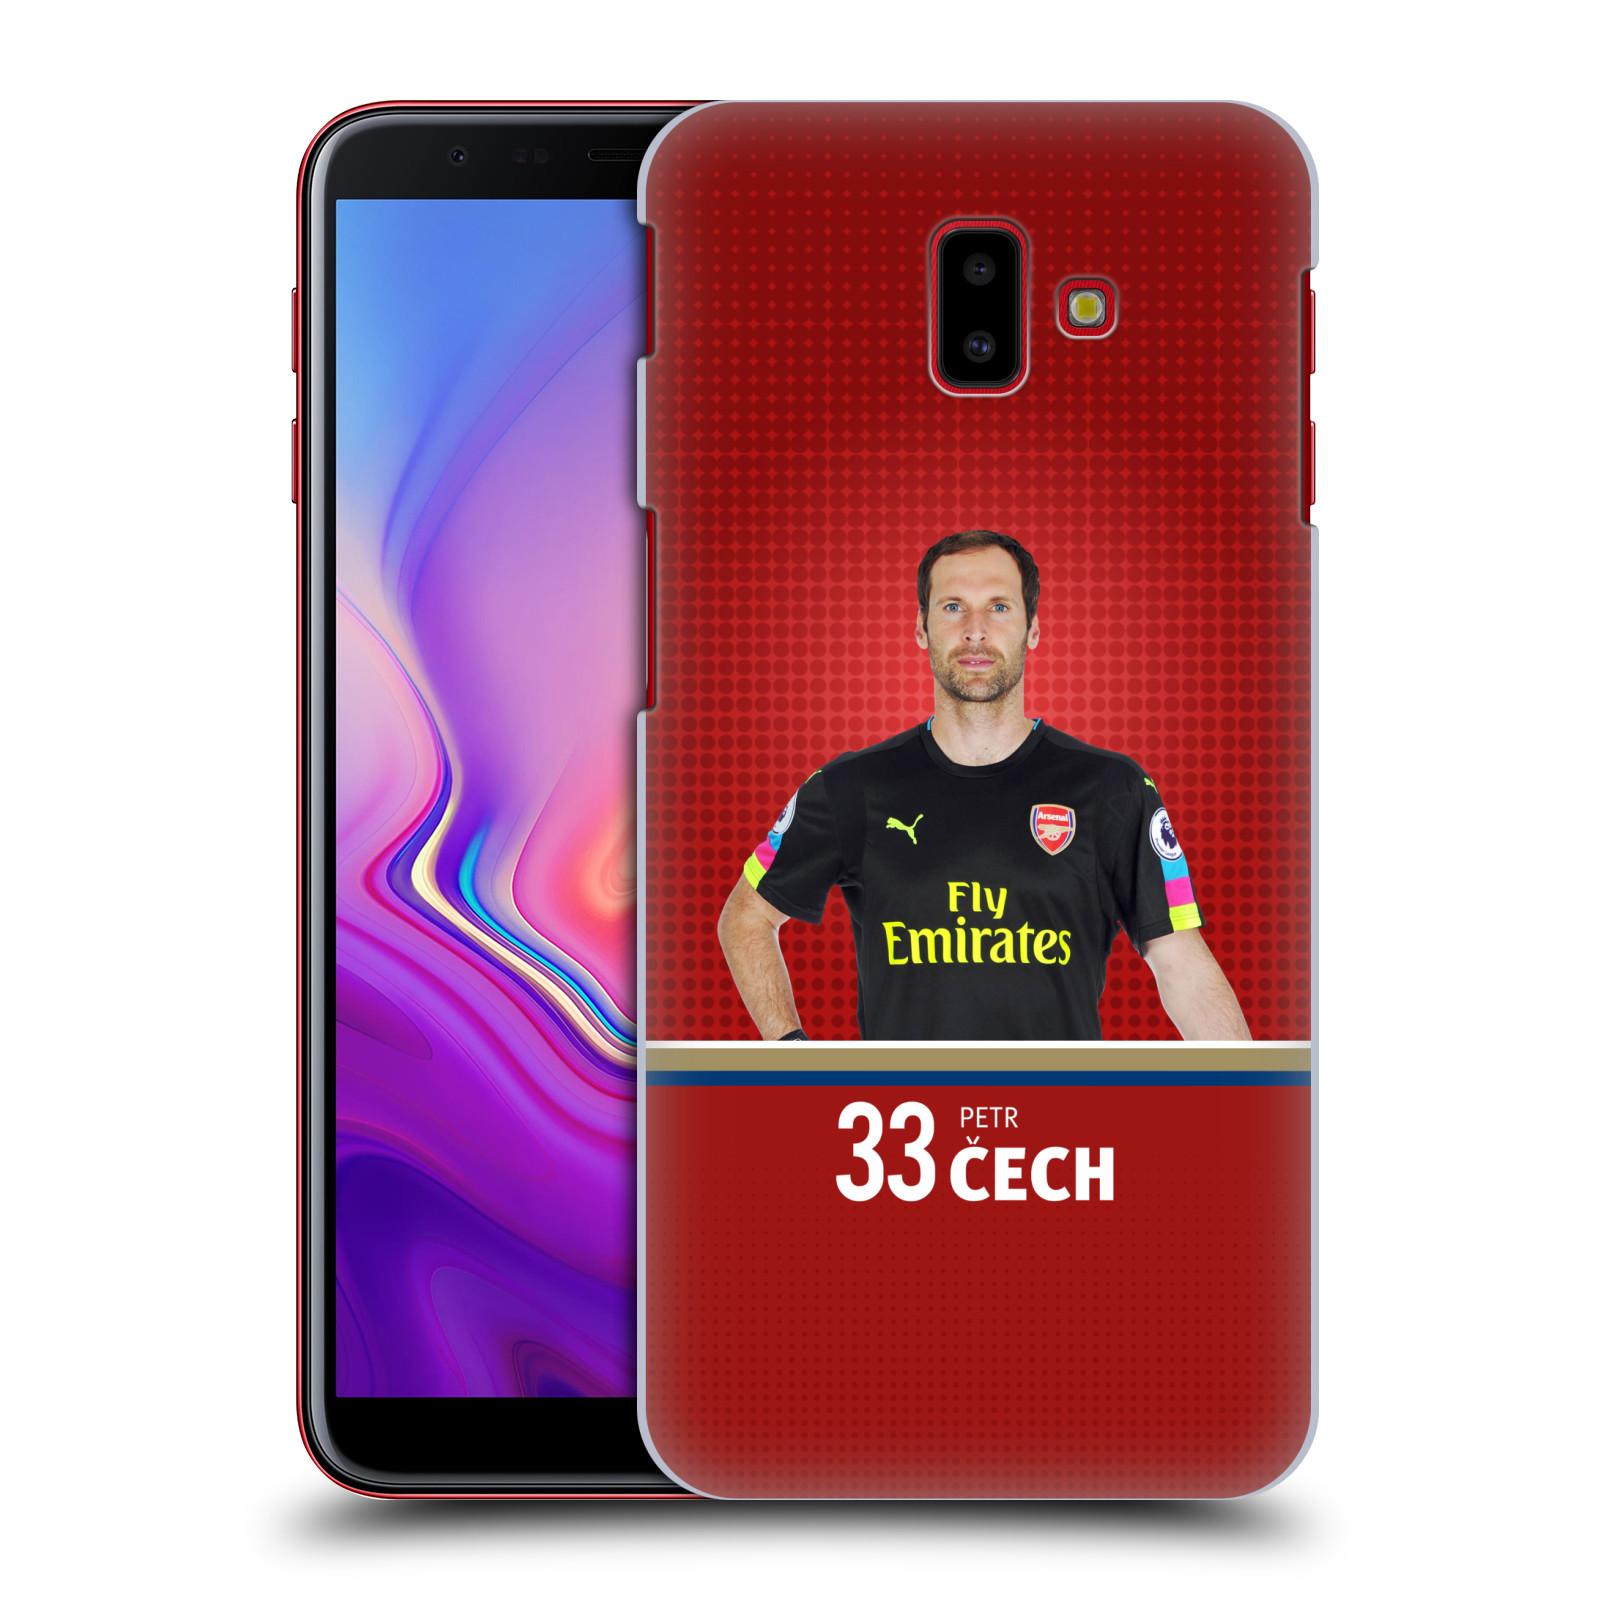 Plastové pouzdro na mobil Samsung Galaxy J6 Plus - Head Case - Arsenal FC - Petr Čech